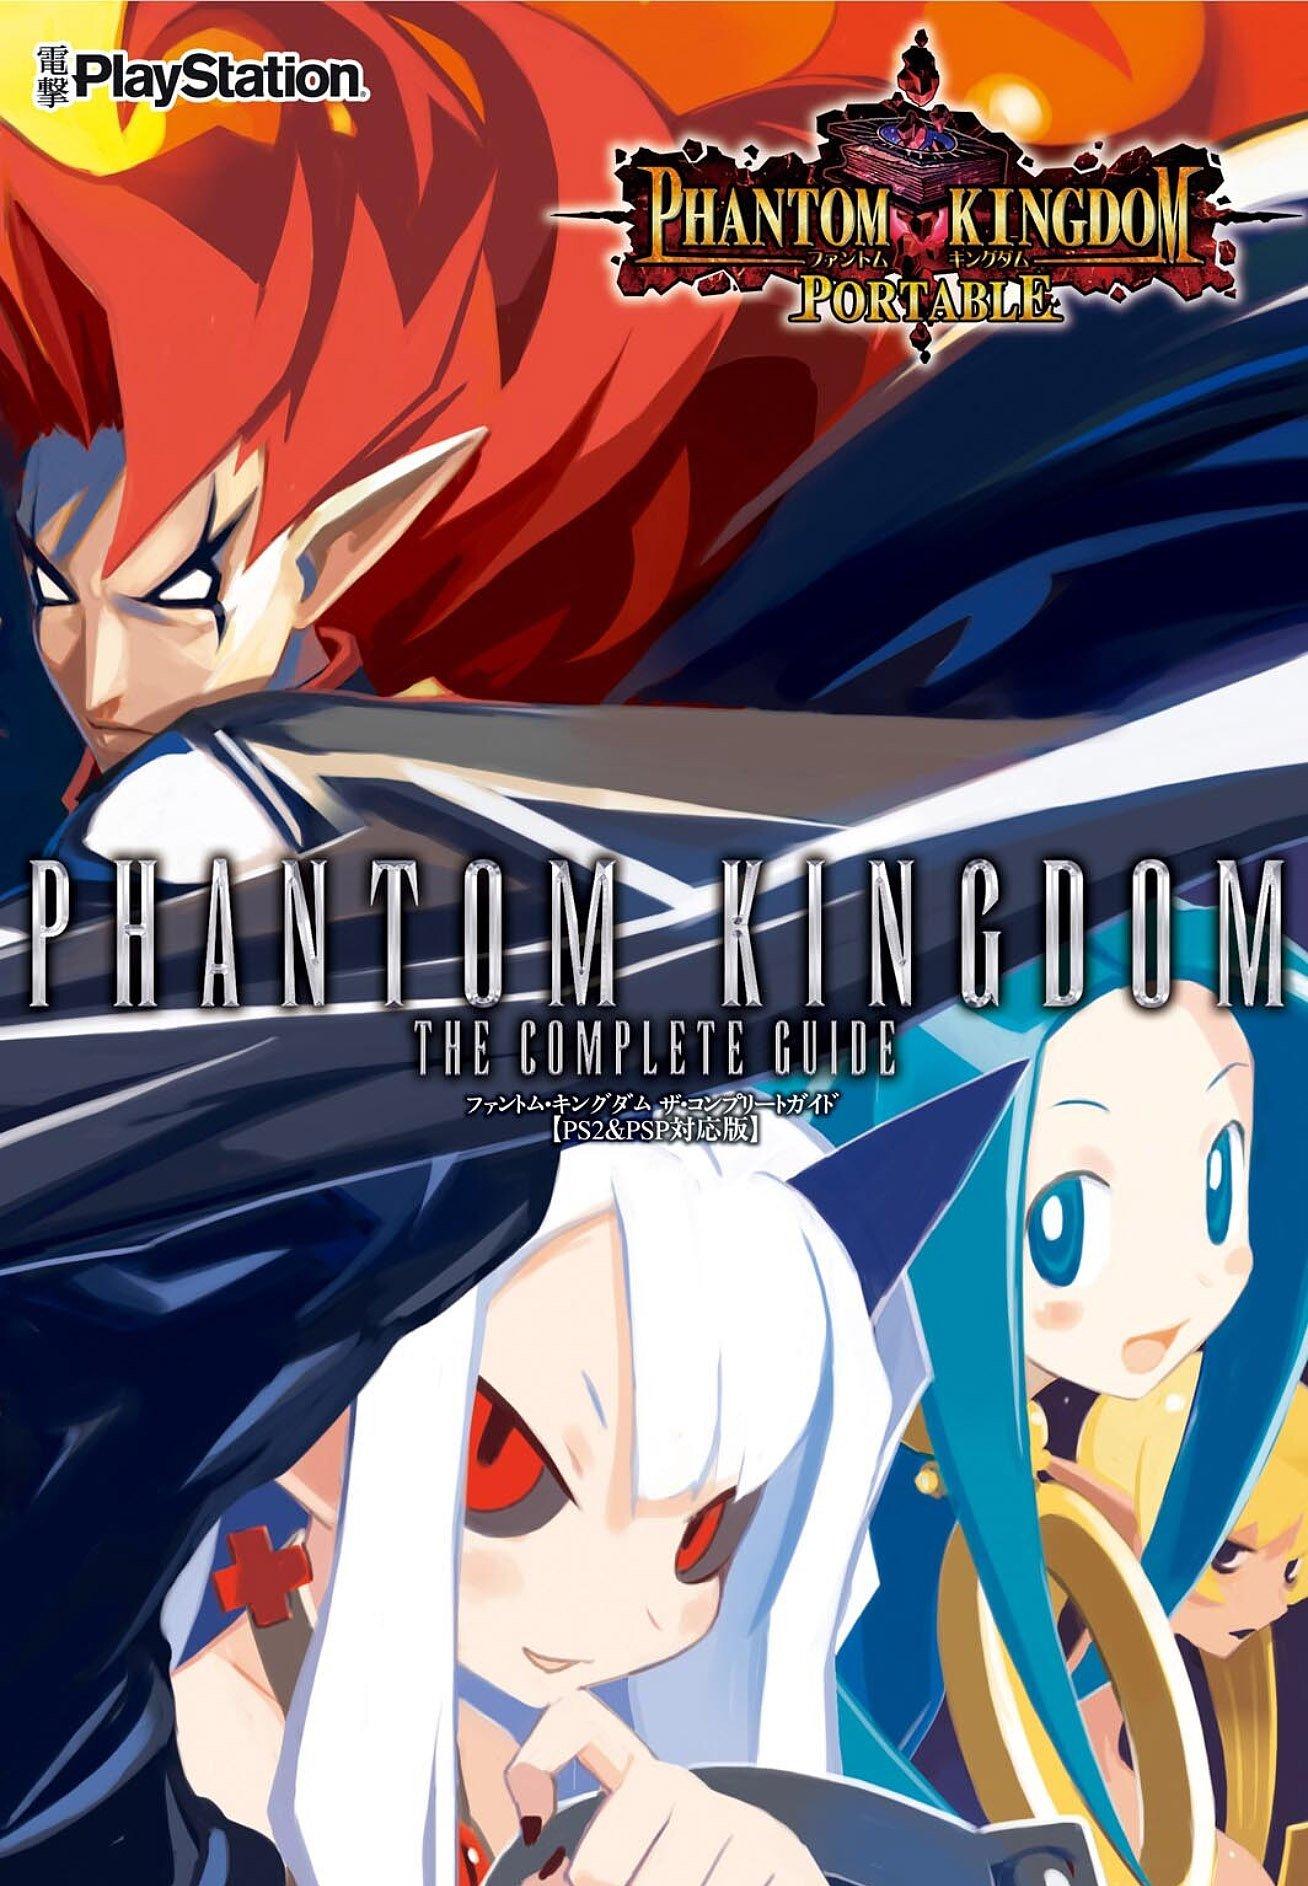 Phantom Kingdom - The Complete Guide